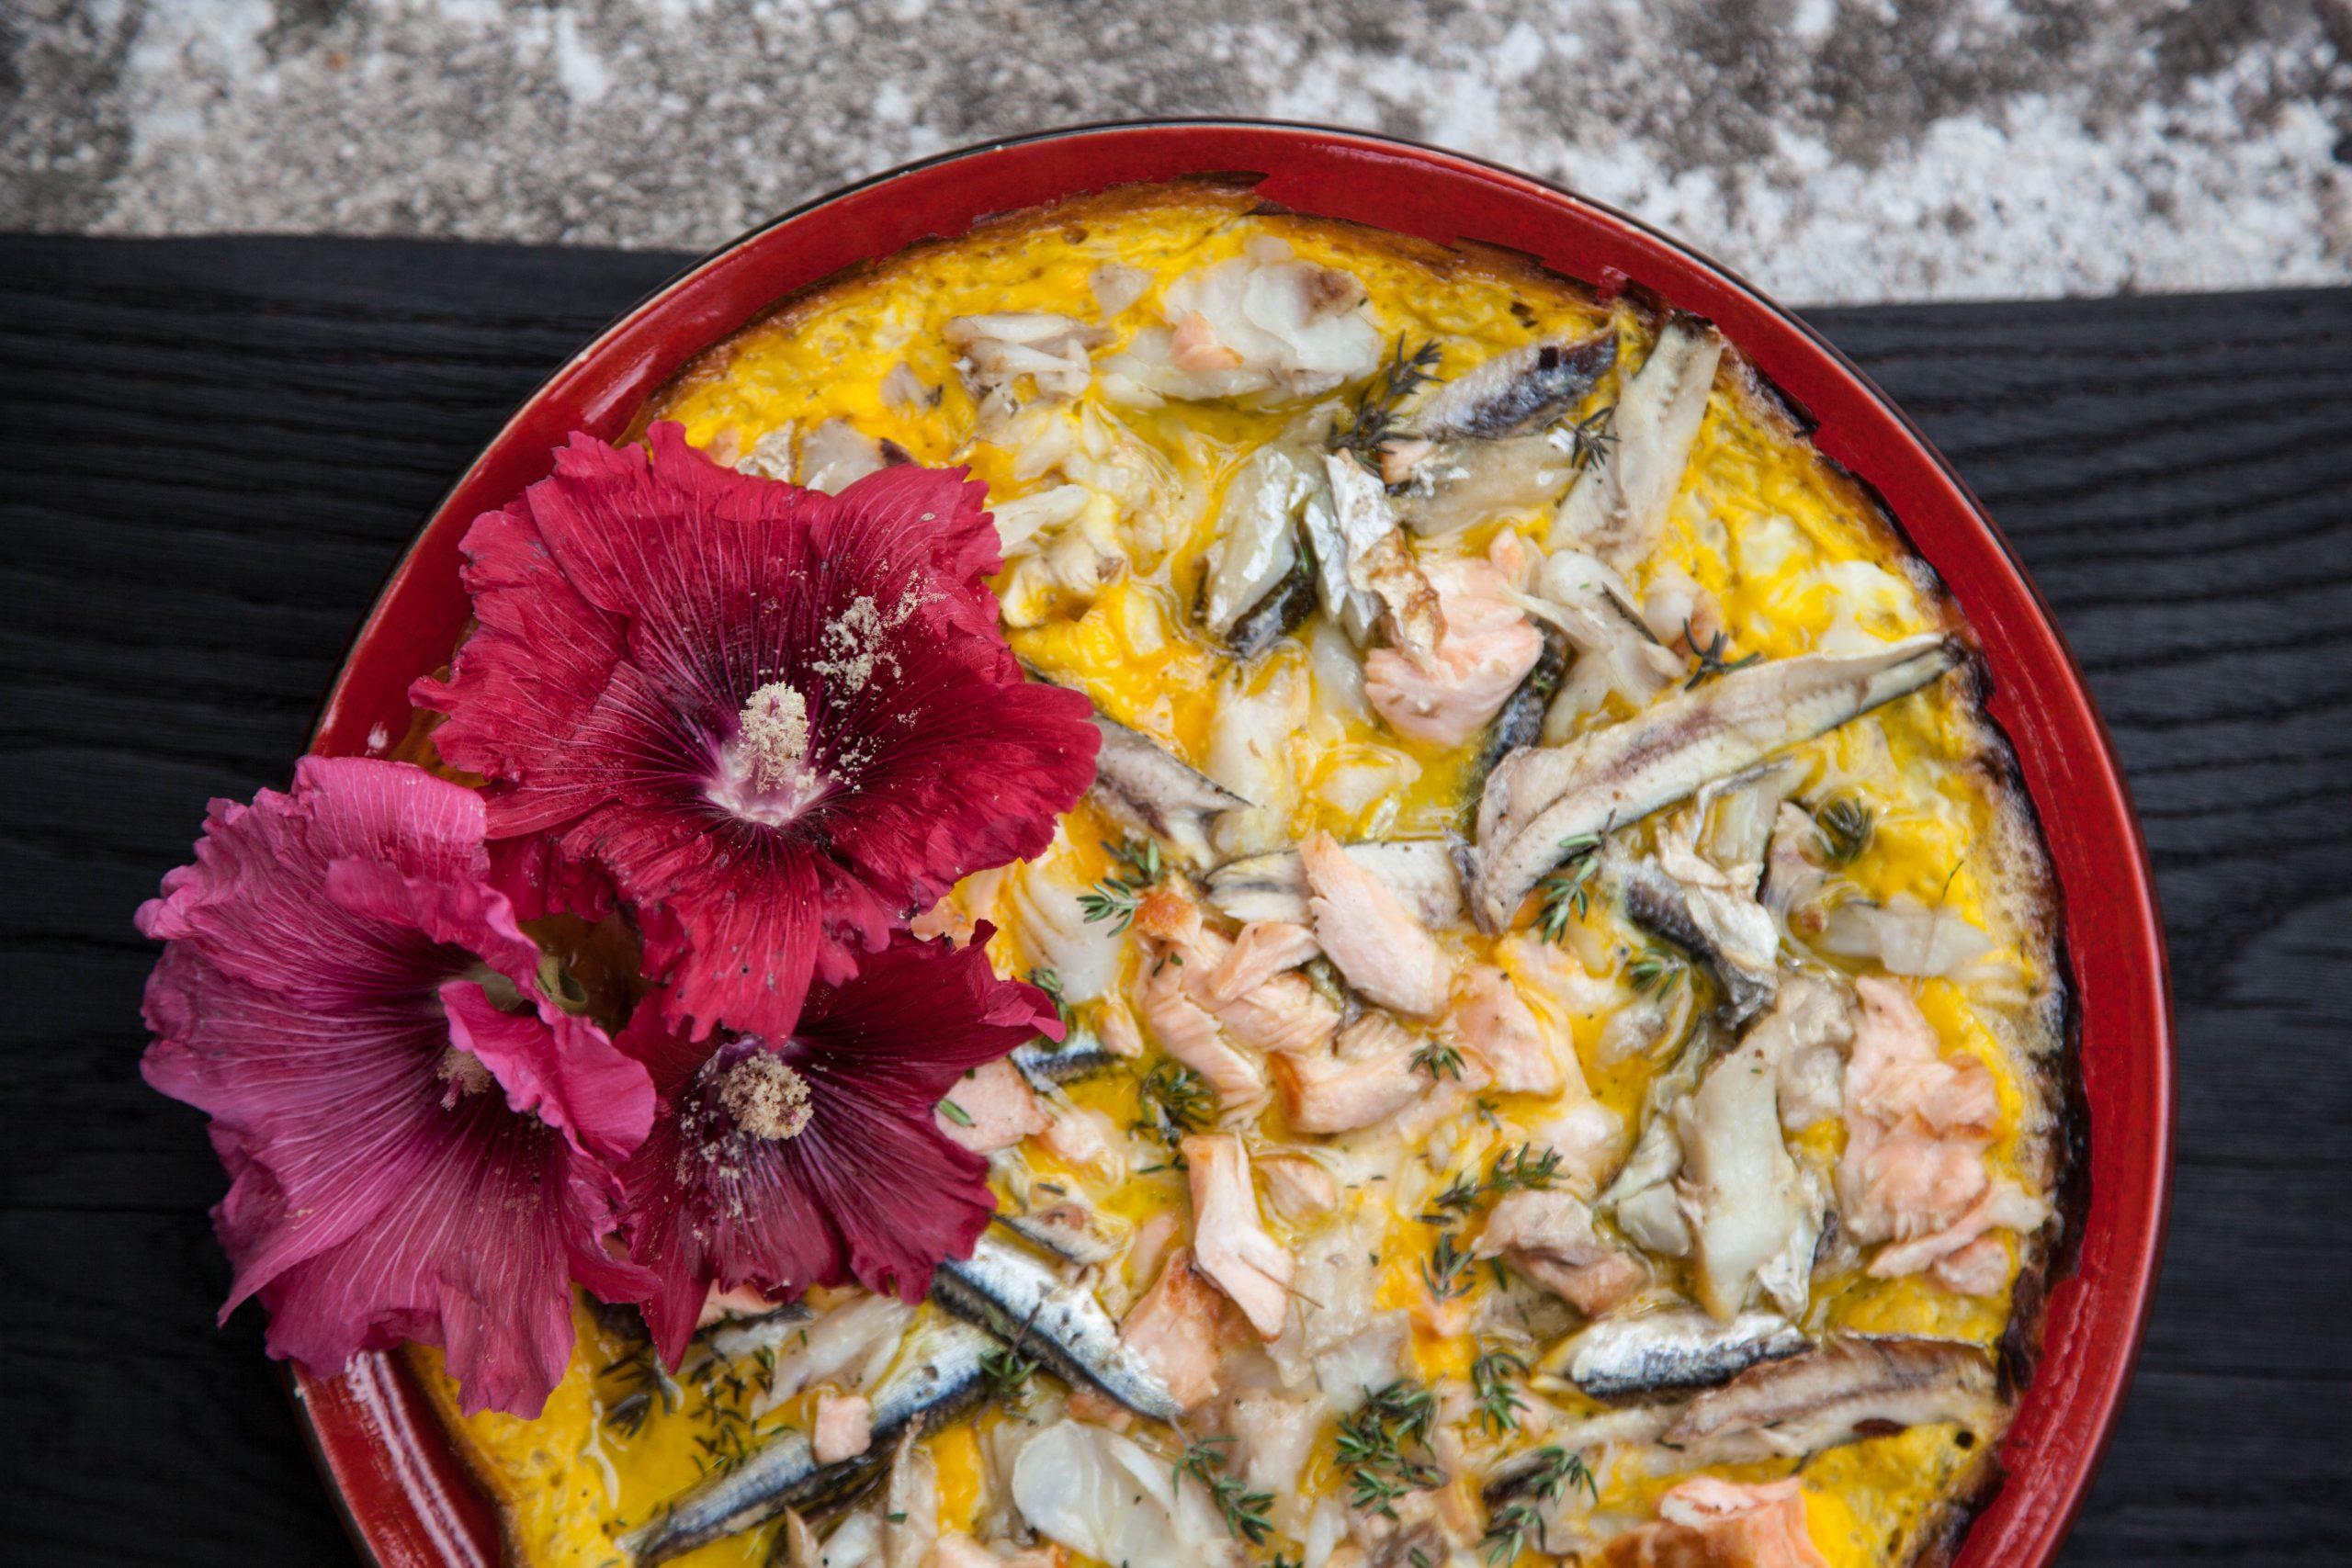 Fish omelette